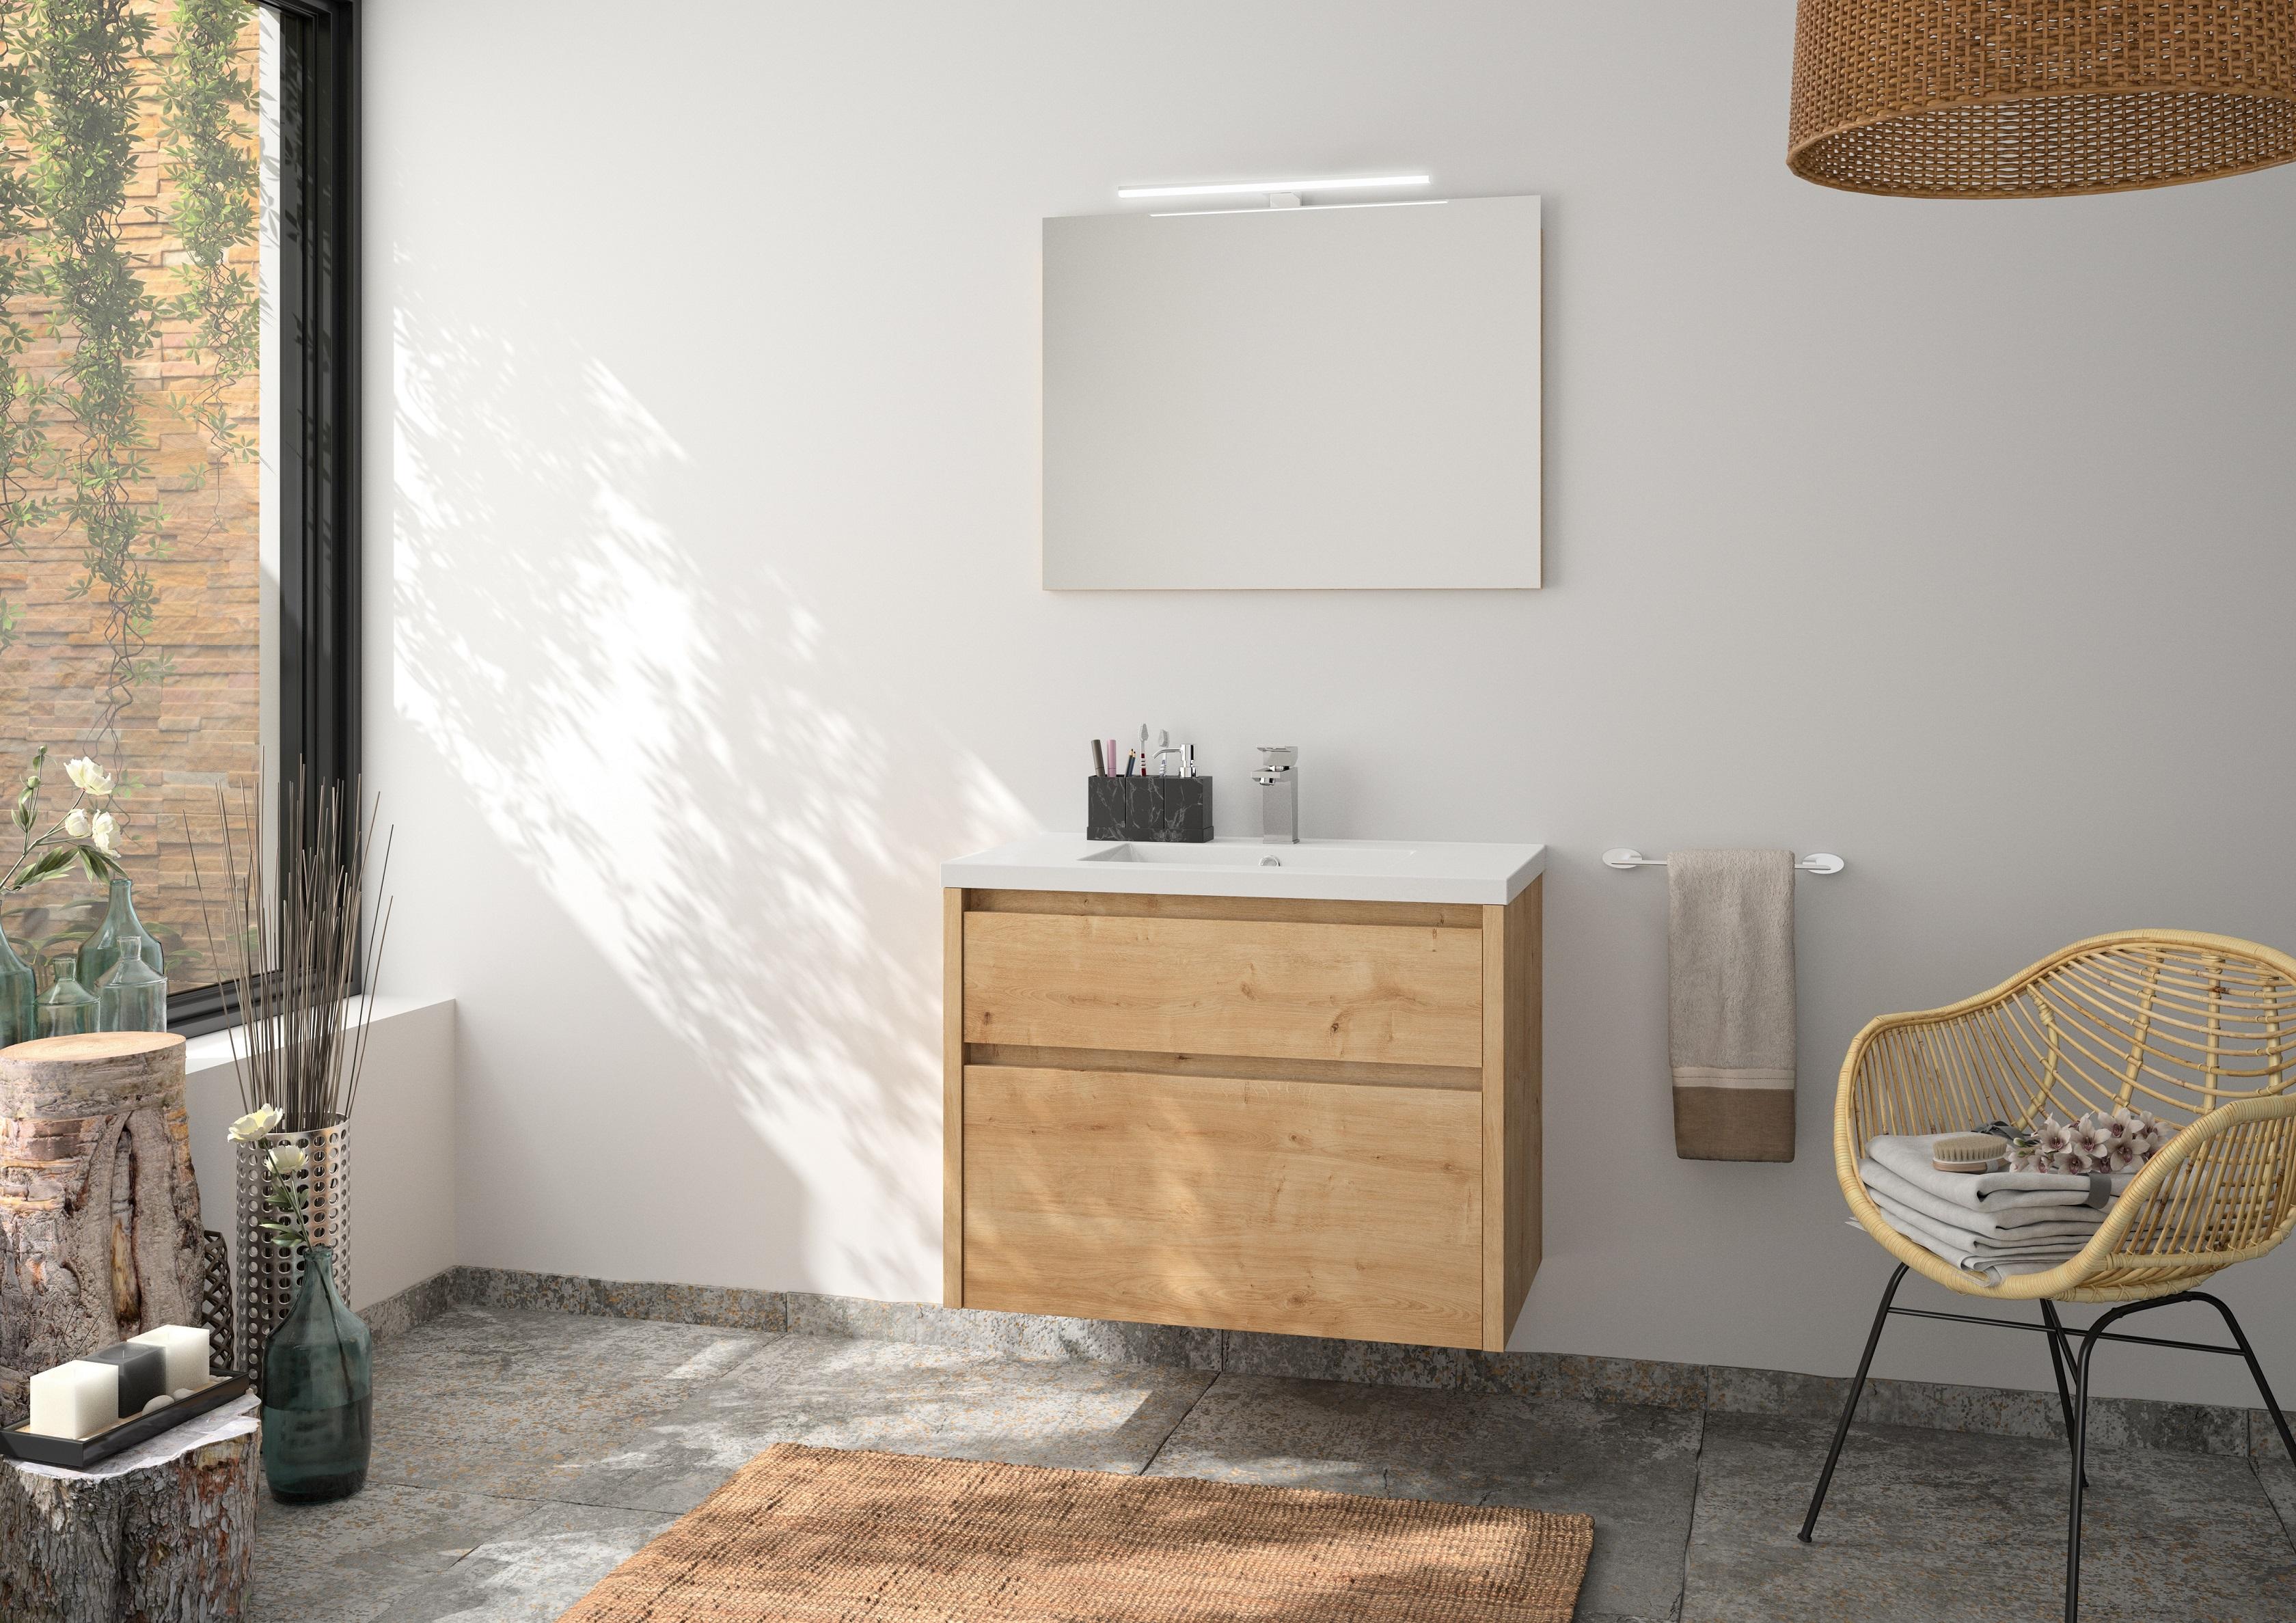 Badmöbel Set Unterschrank 80 cm Waschbecken Spiegel vormontiert Eiche ALLIBERT